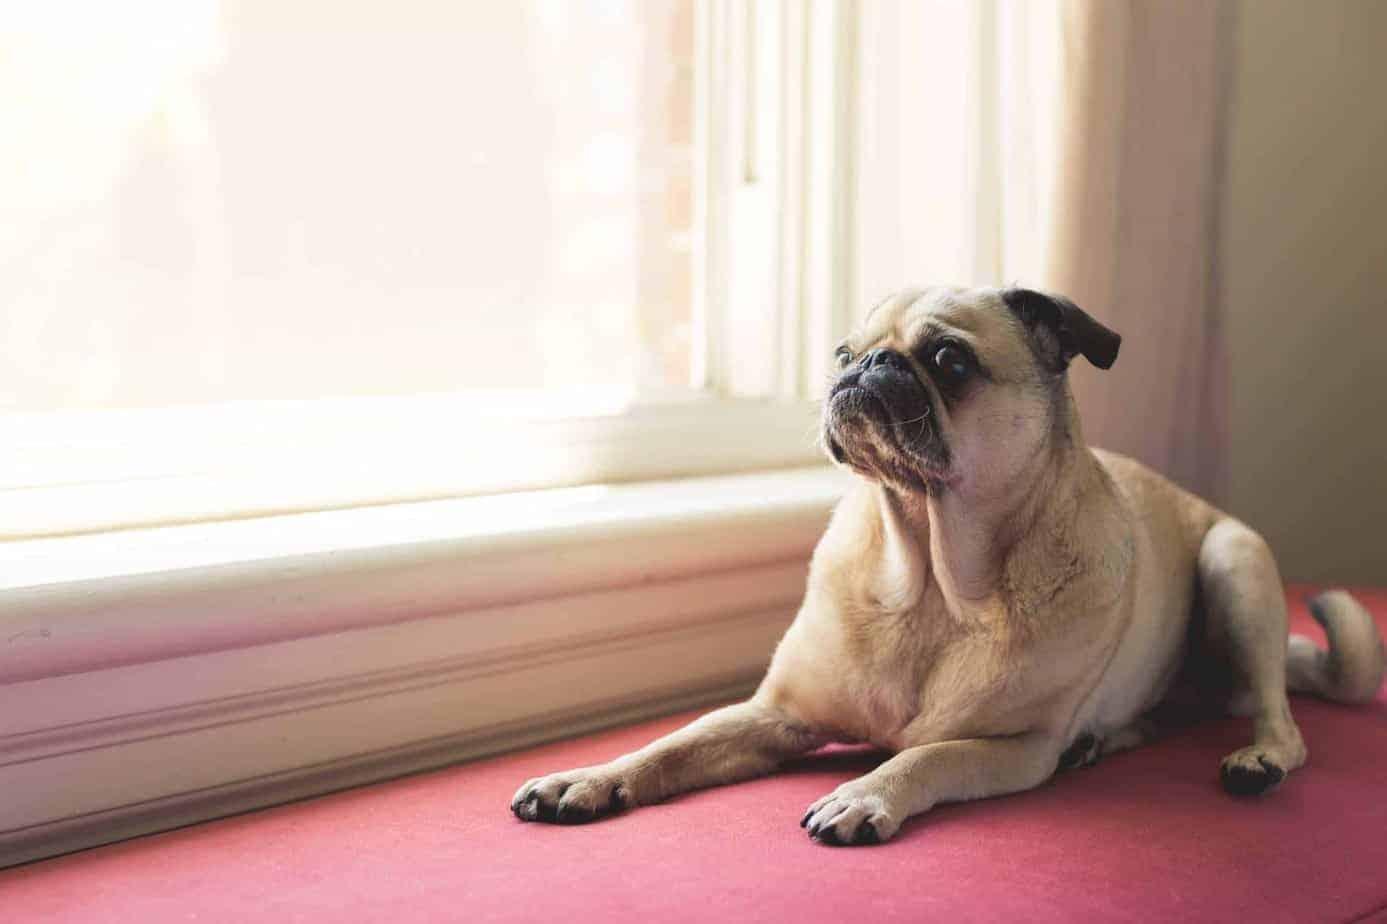 חרדה בכלבים. כלב חרד מחכה להורים